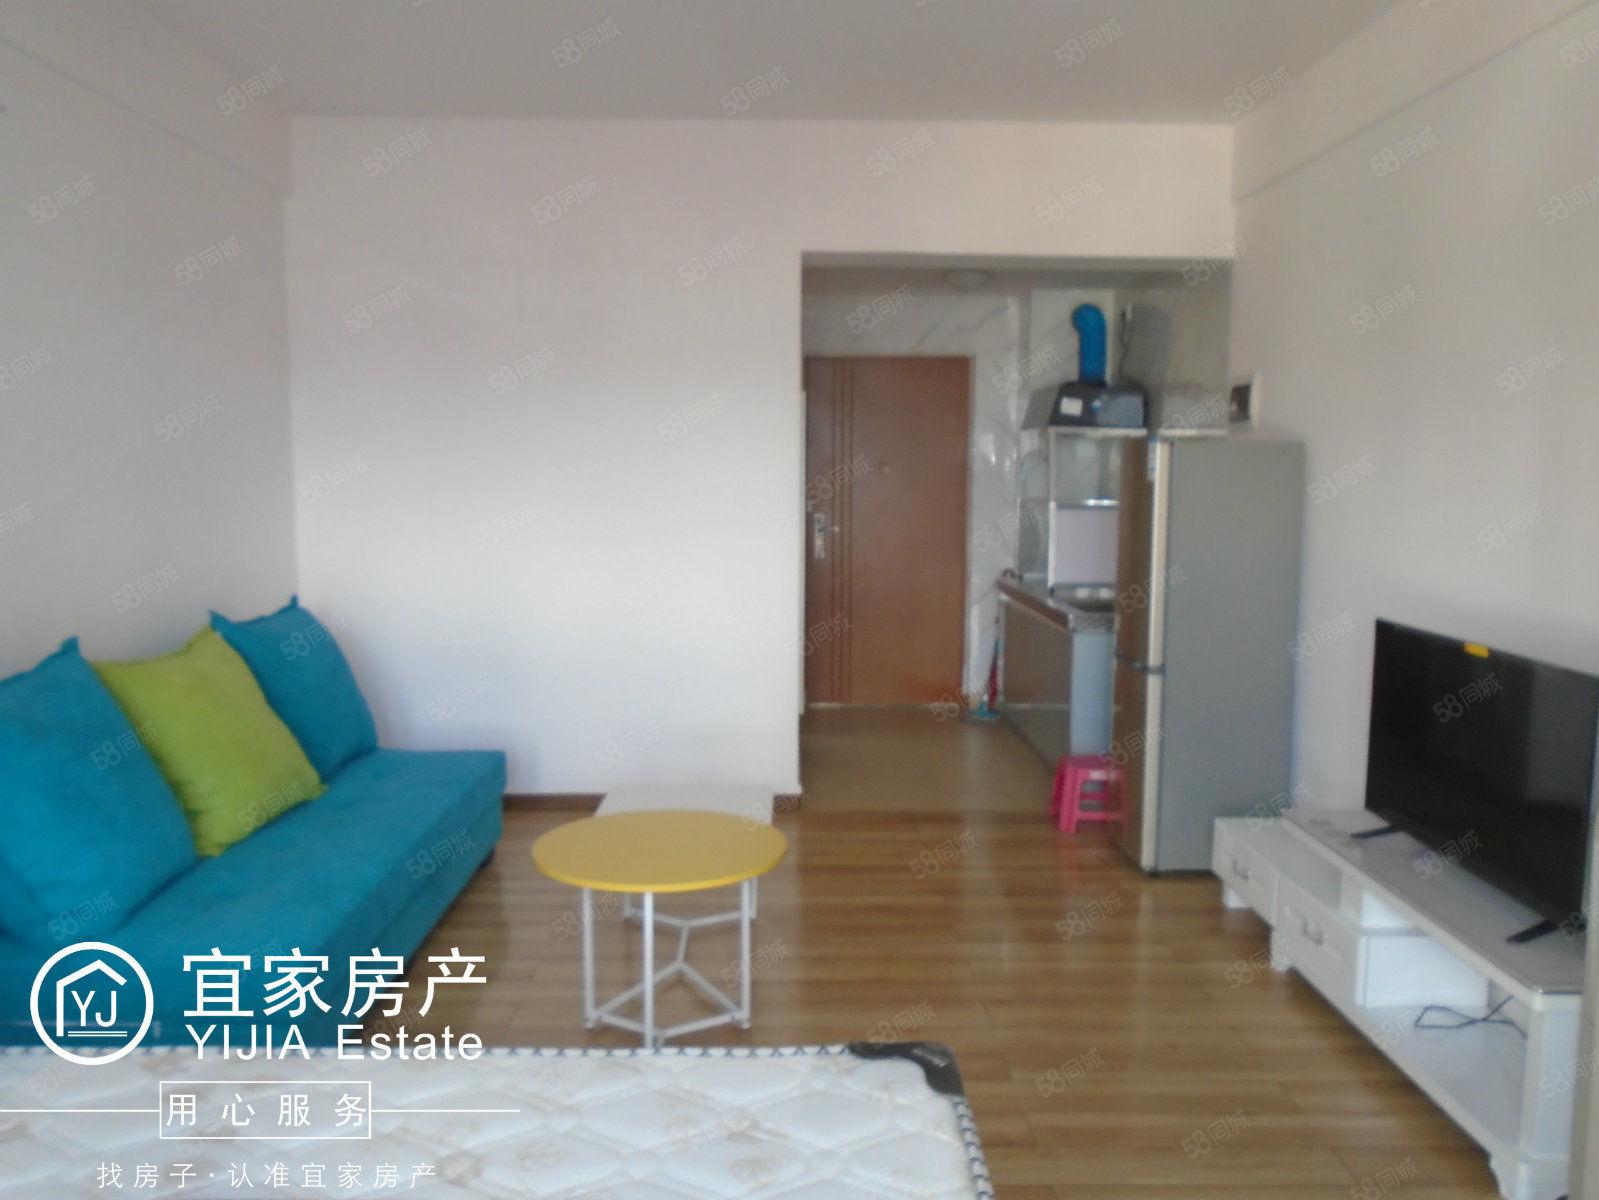 时代广场、1室1厅1厨1卫、单身公寓、精装修、带全套家具澳门金沙平台